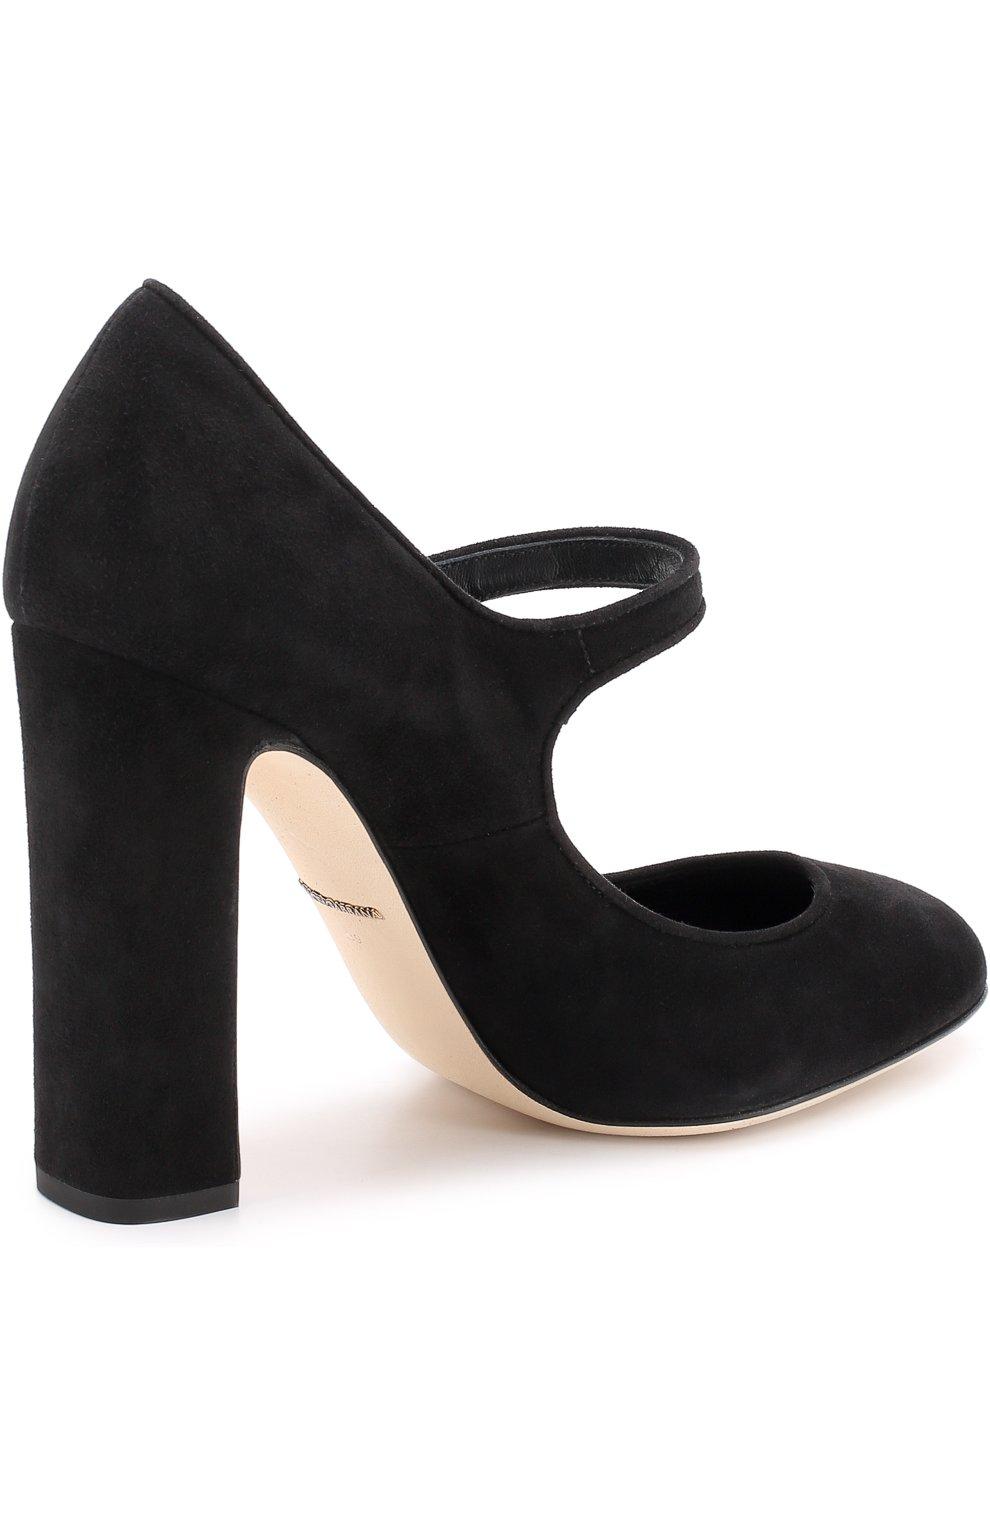 Замшевые туфли Vally на устойчивом каблуке Dolce & Gabbana черные   Фото №4